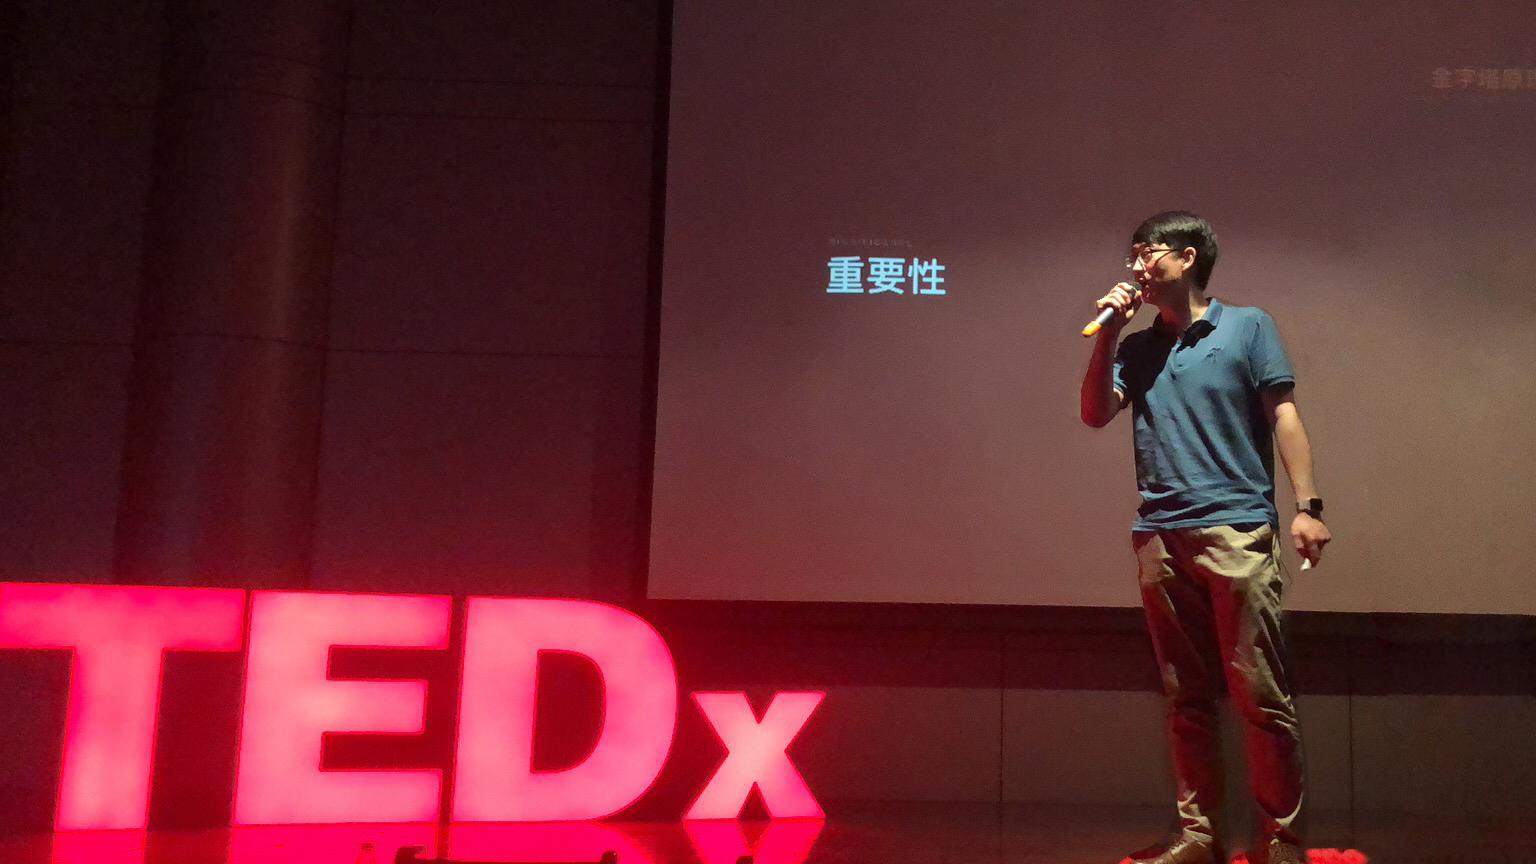 帅浩老师的TEDx演讲:金字塔原则在面试及工作中的运用